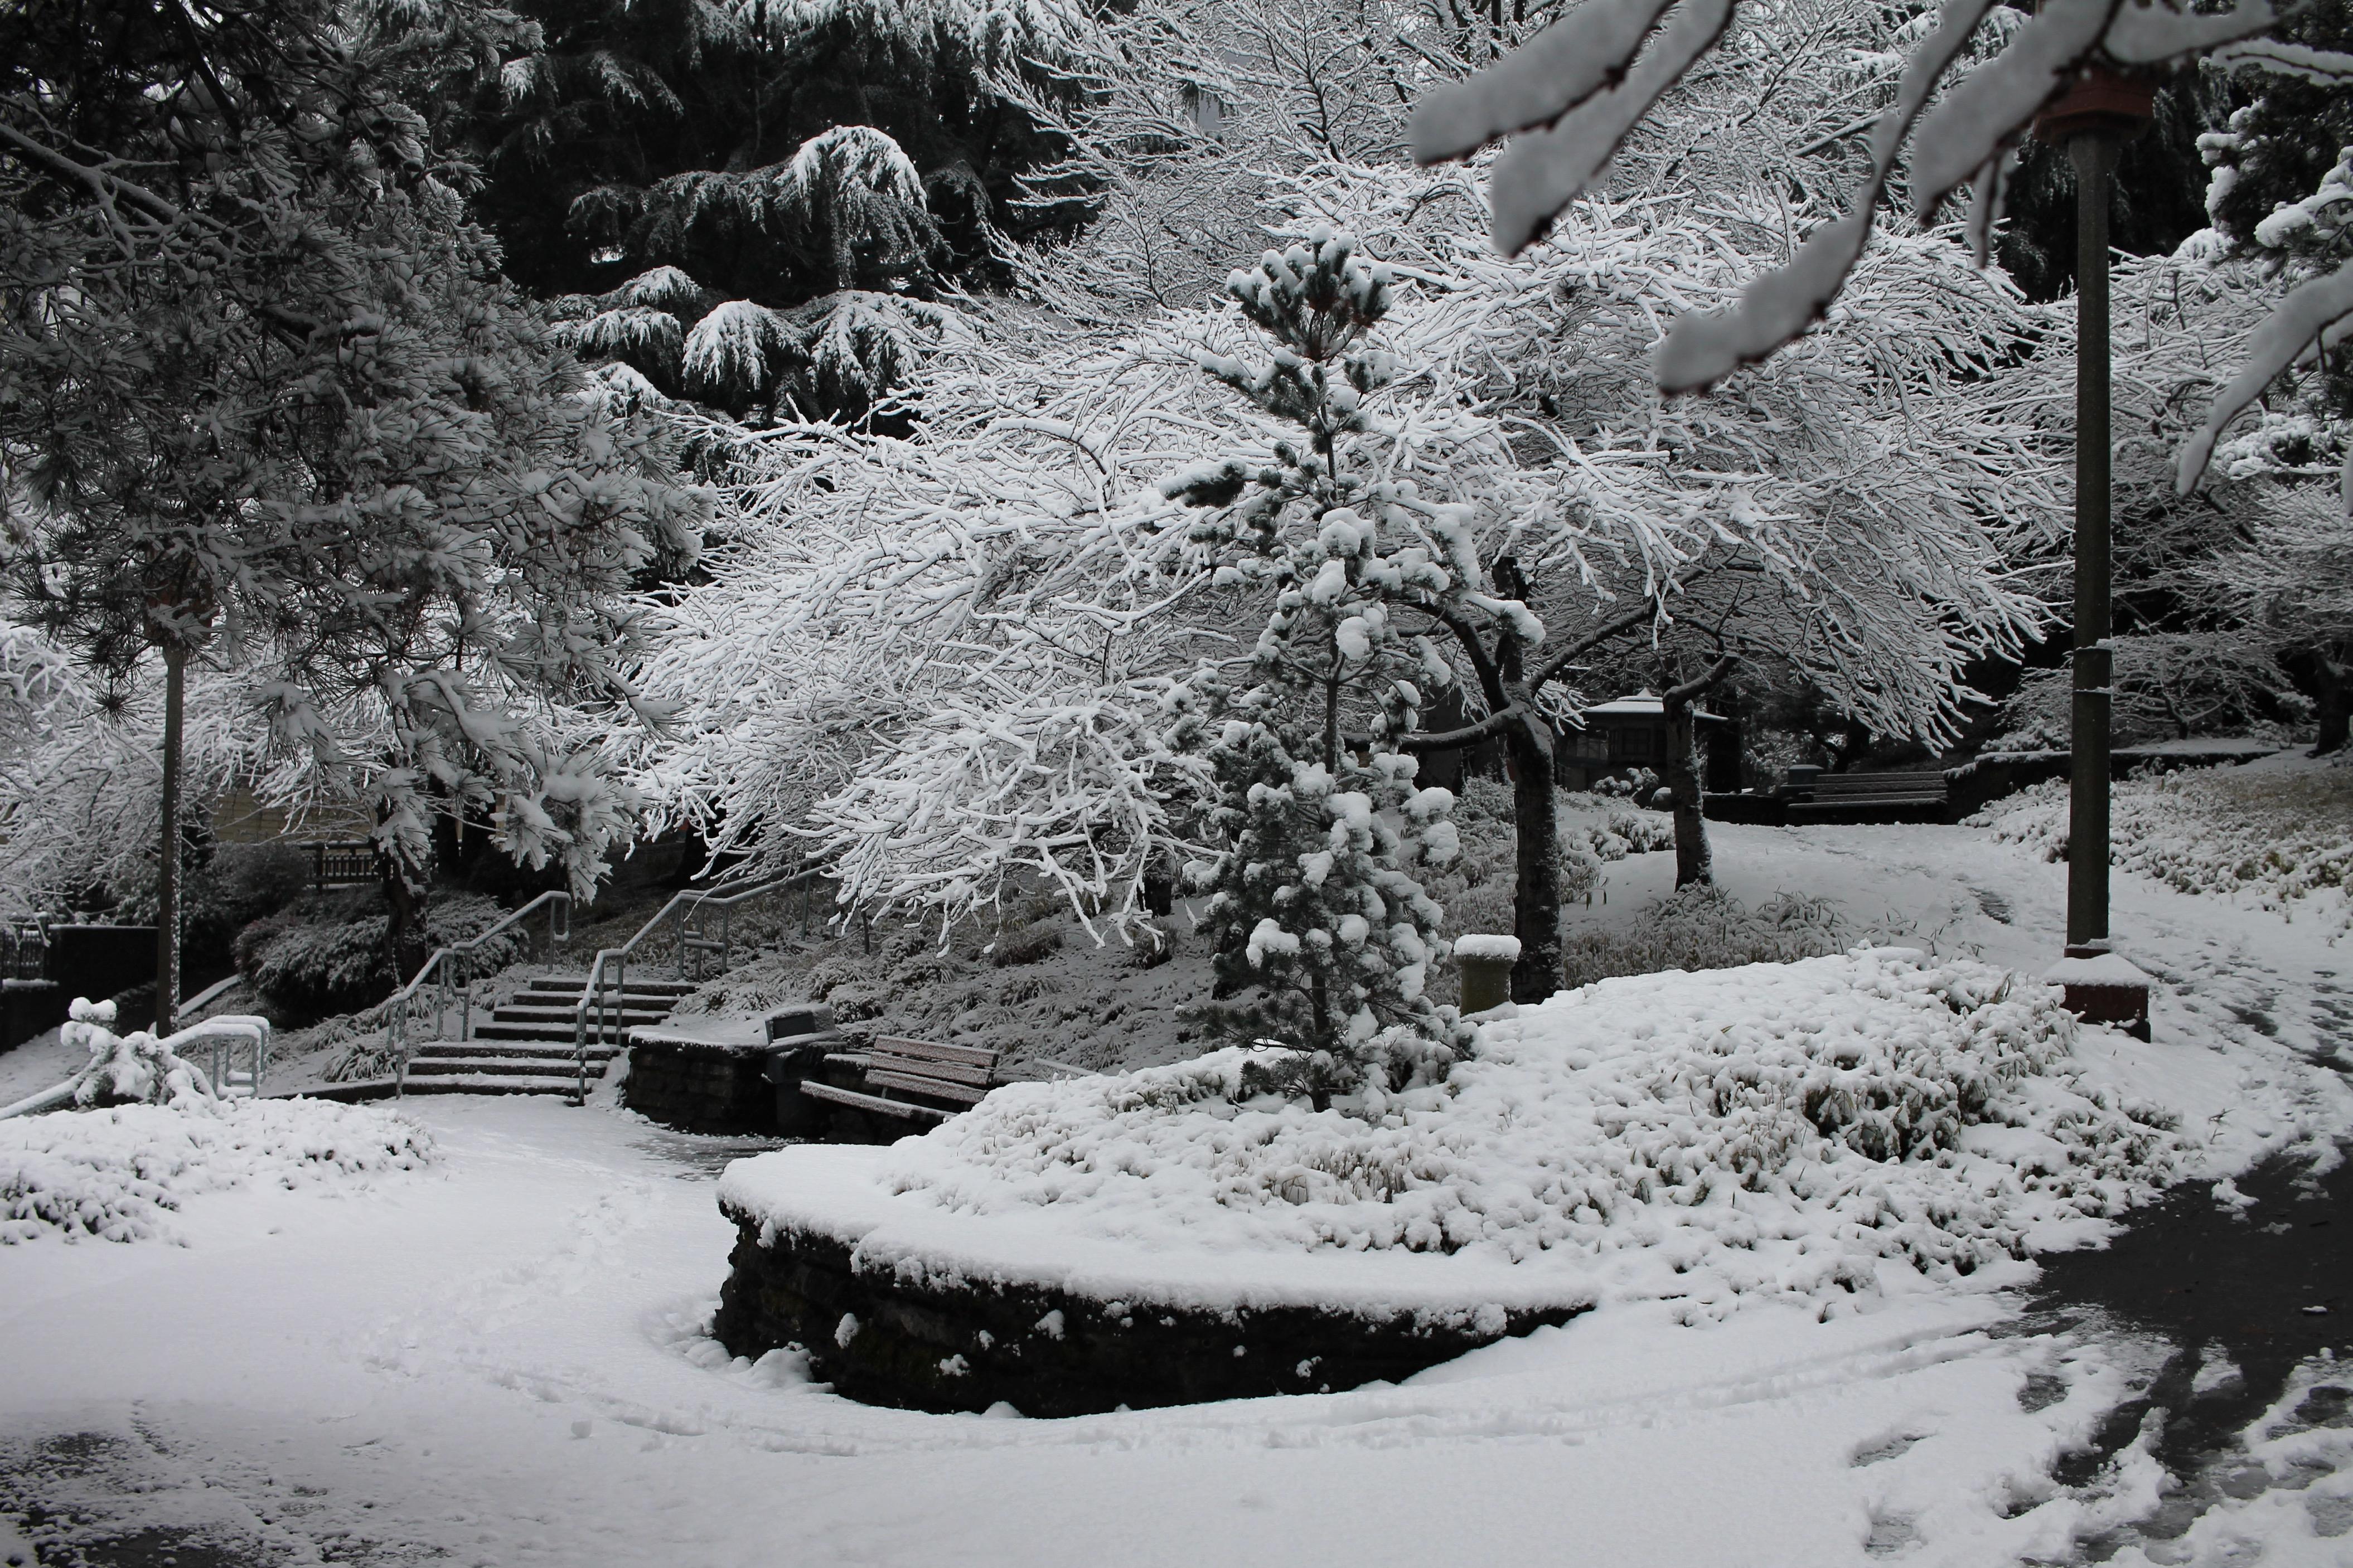 photo-feb-06-8-25-45-am